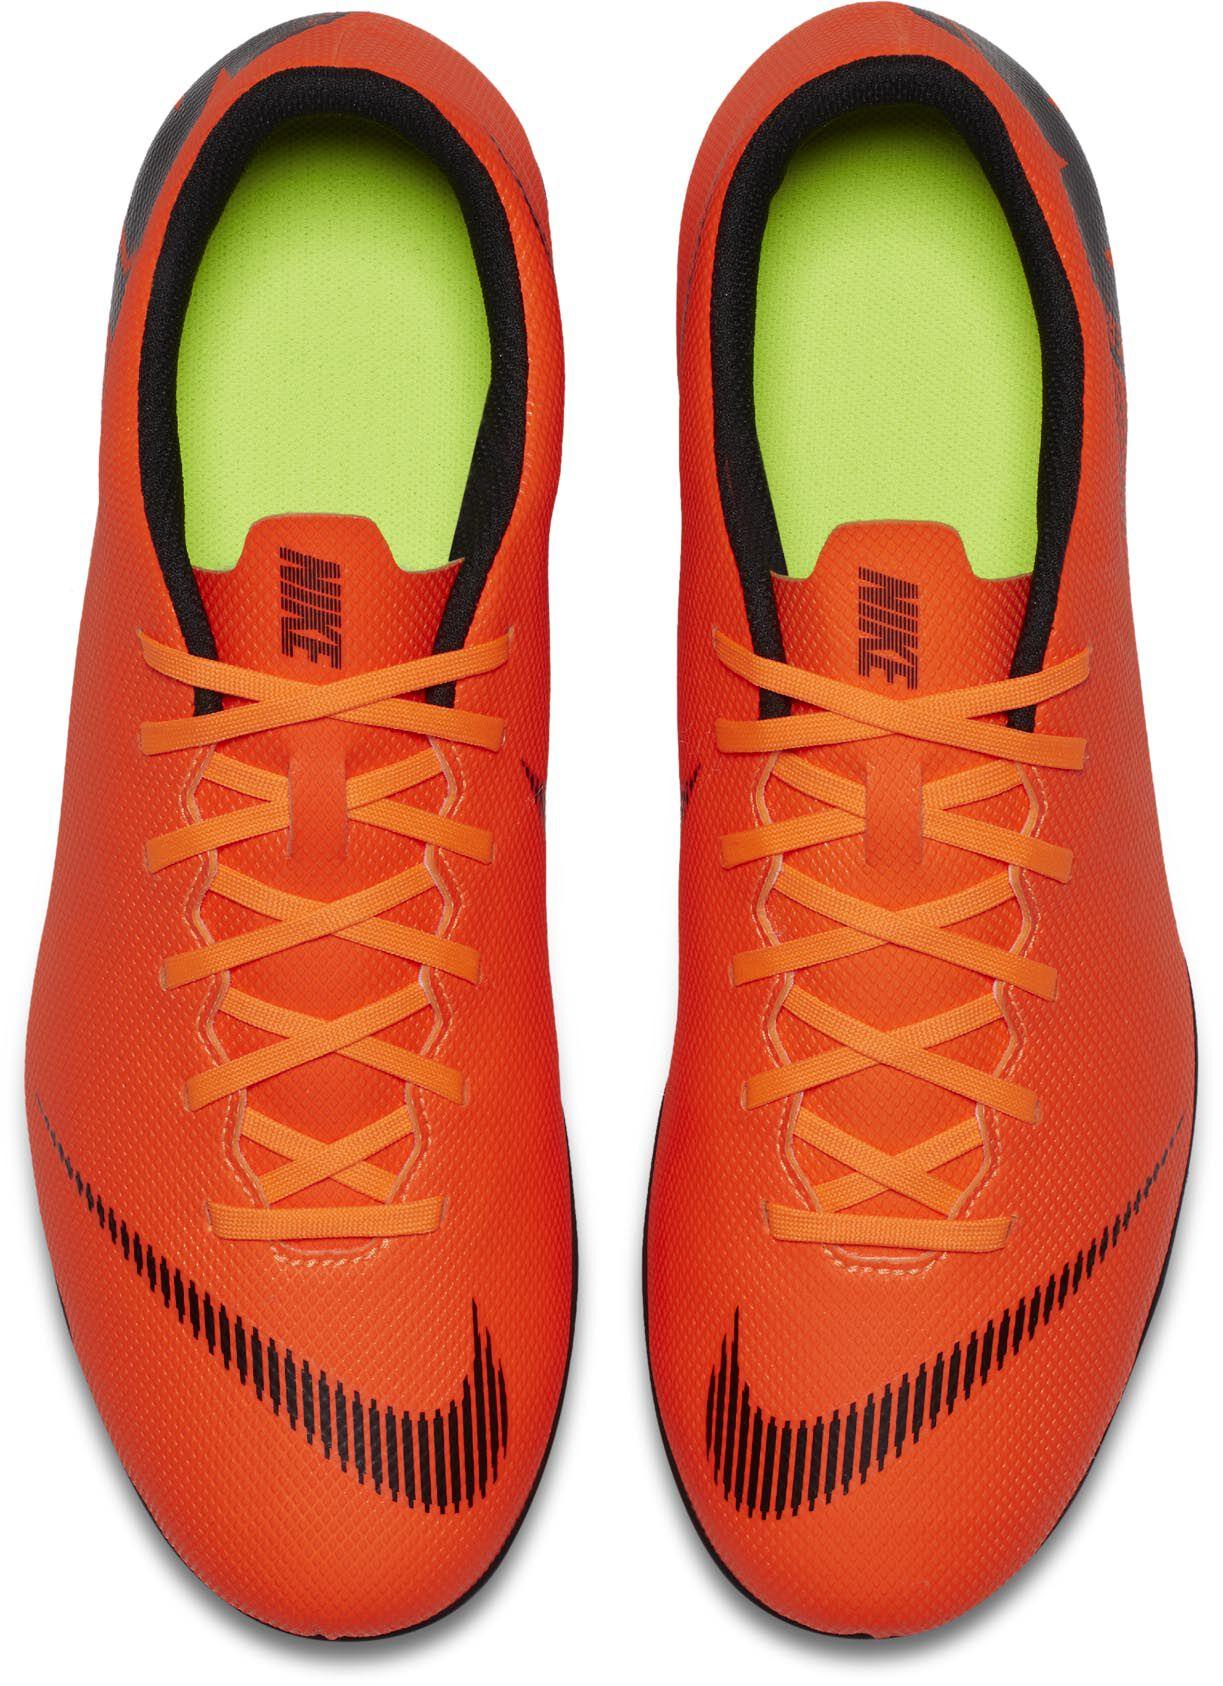 · Club Nike Mg Vapor Hombre Mercurial 12 Fútbol Botas dtxChQsr